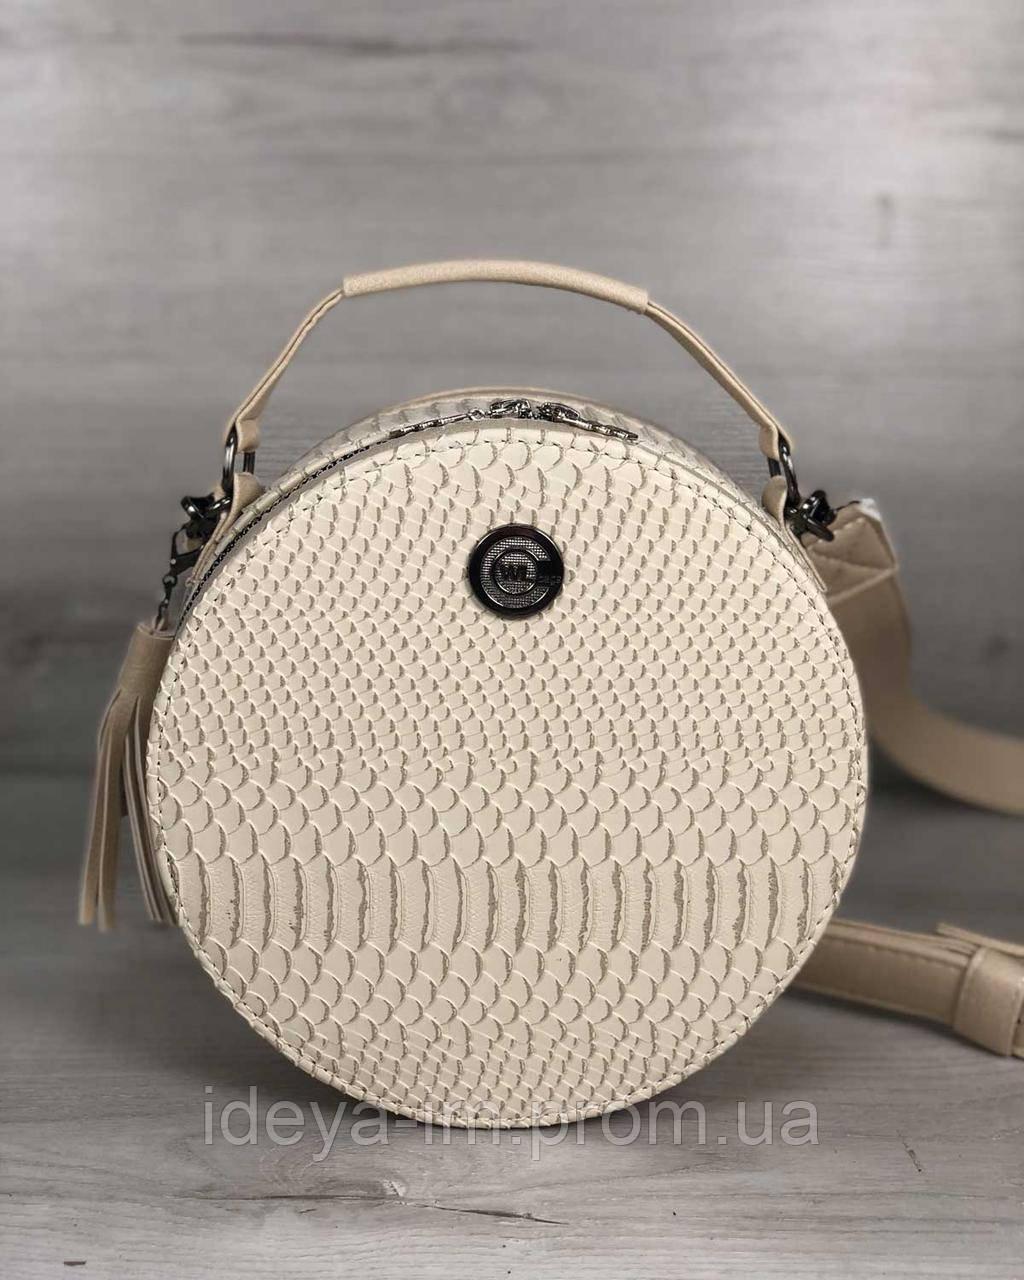 Стильная, круглая женская сумка Бриджит бежевая рептилия с кисточкой